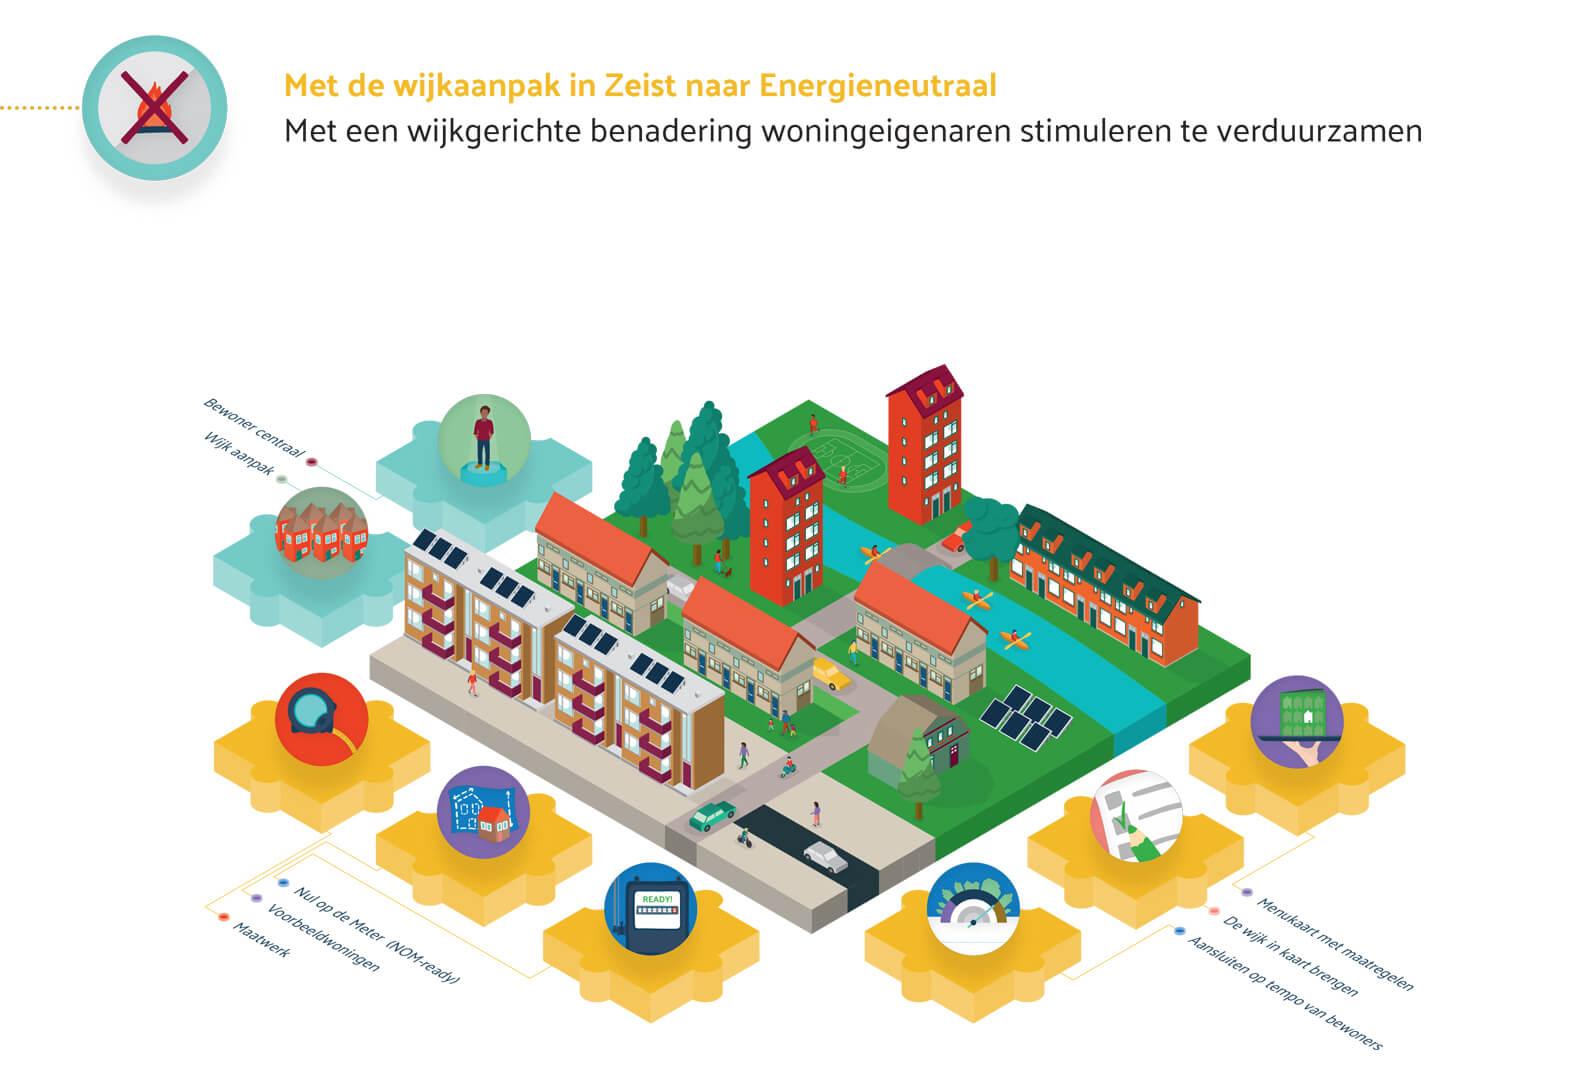 VNG Innovatieve aanpakken - Couwenhoven